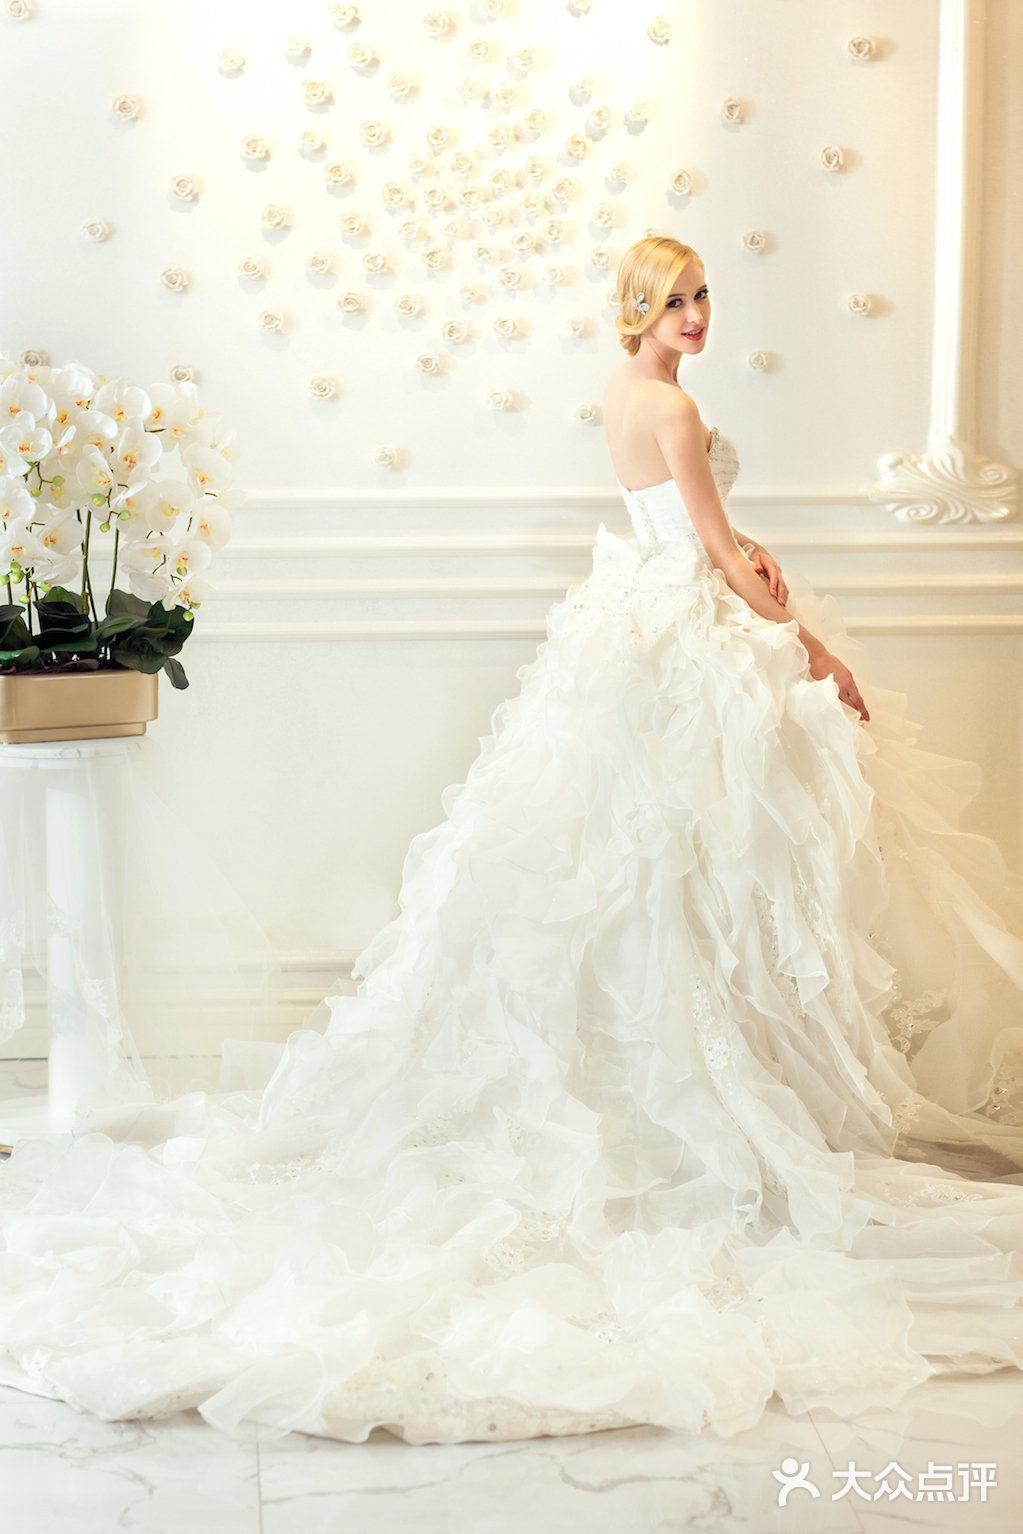 薇婷新娘白纱-薇婷新娘婚纱婚礼策划旅拍会馆-上海